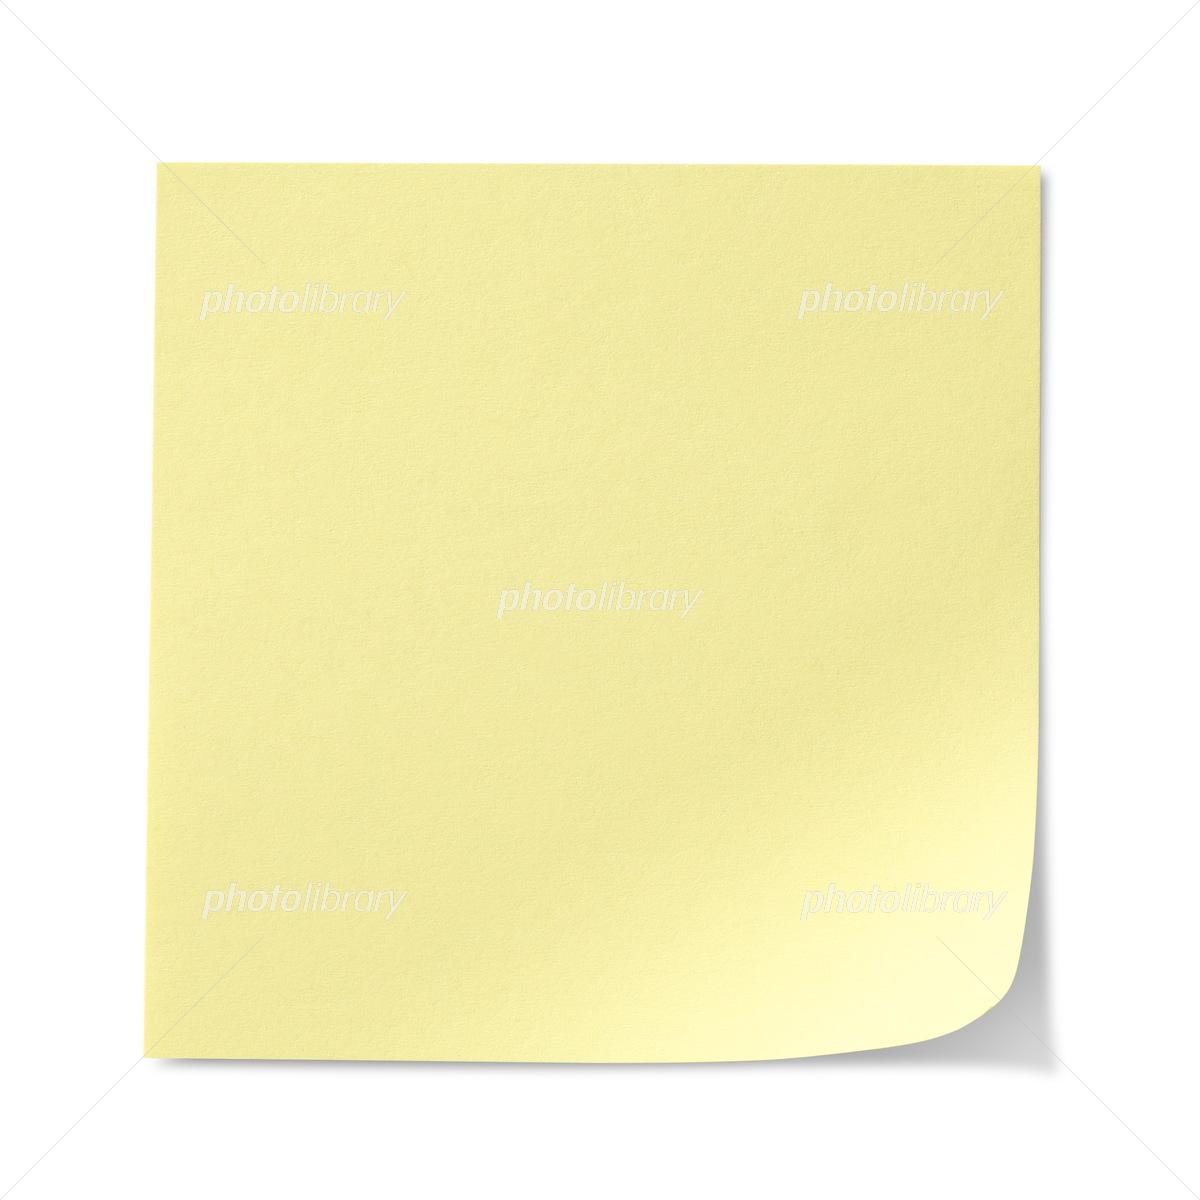 黄色の付箋紙 写真素材 5188581 フォトライブラリー Photolibrary